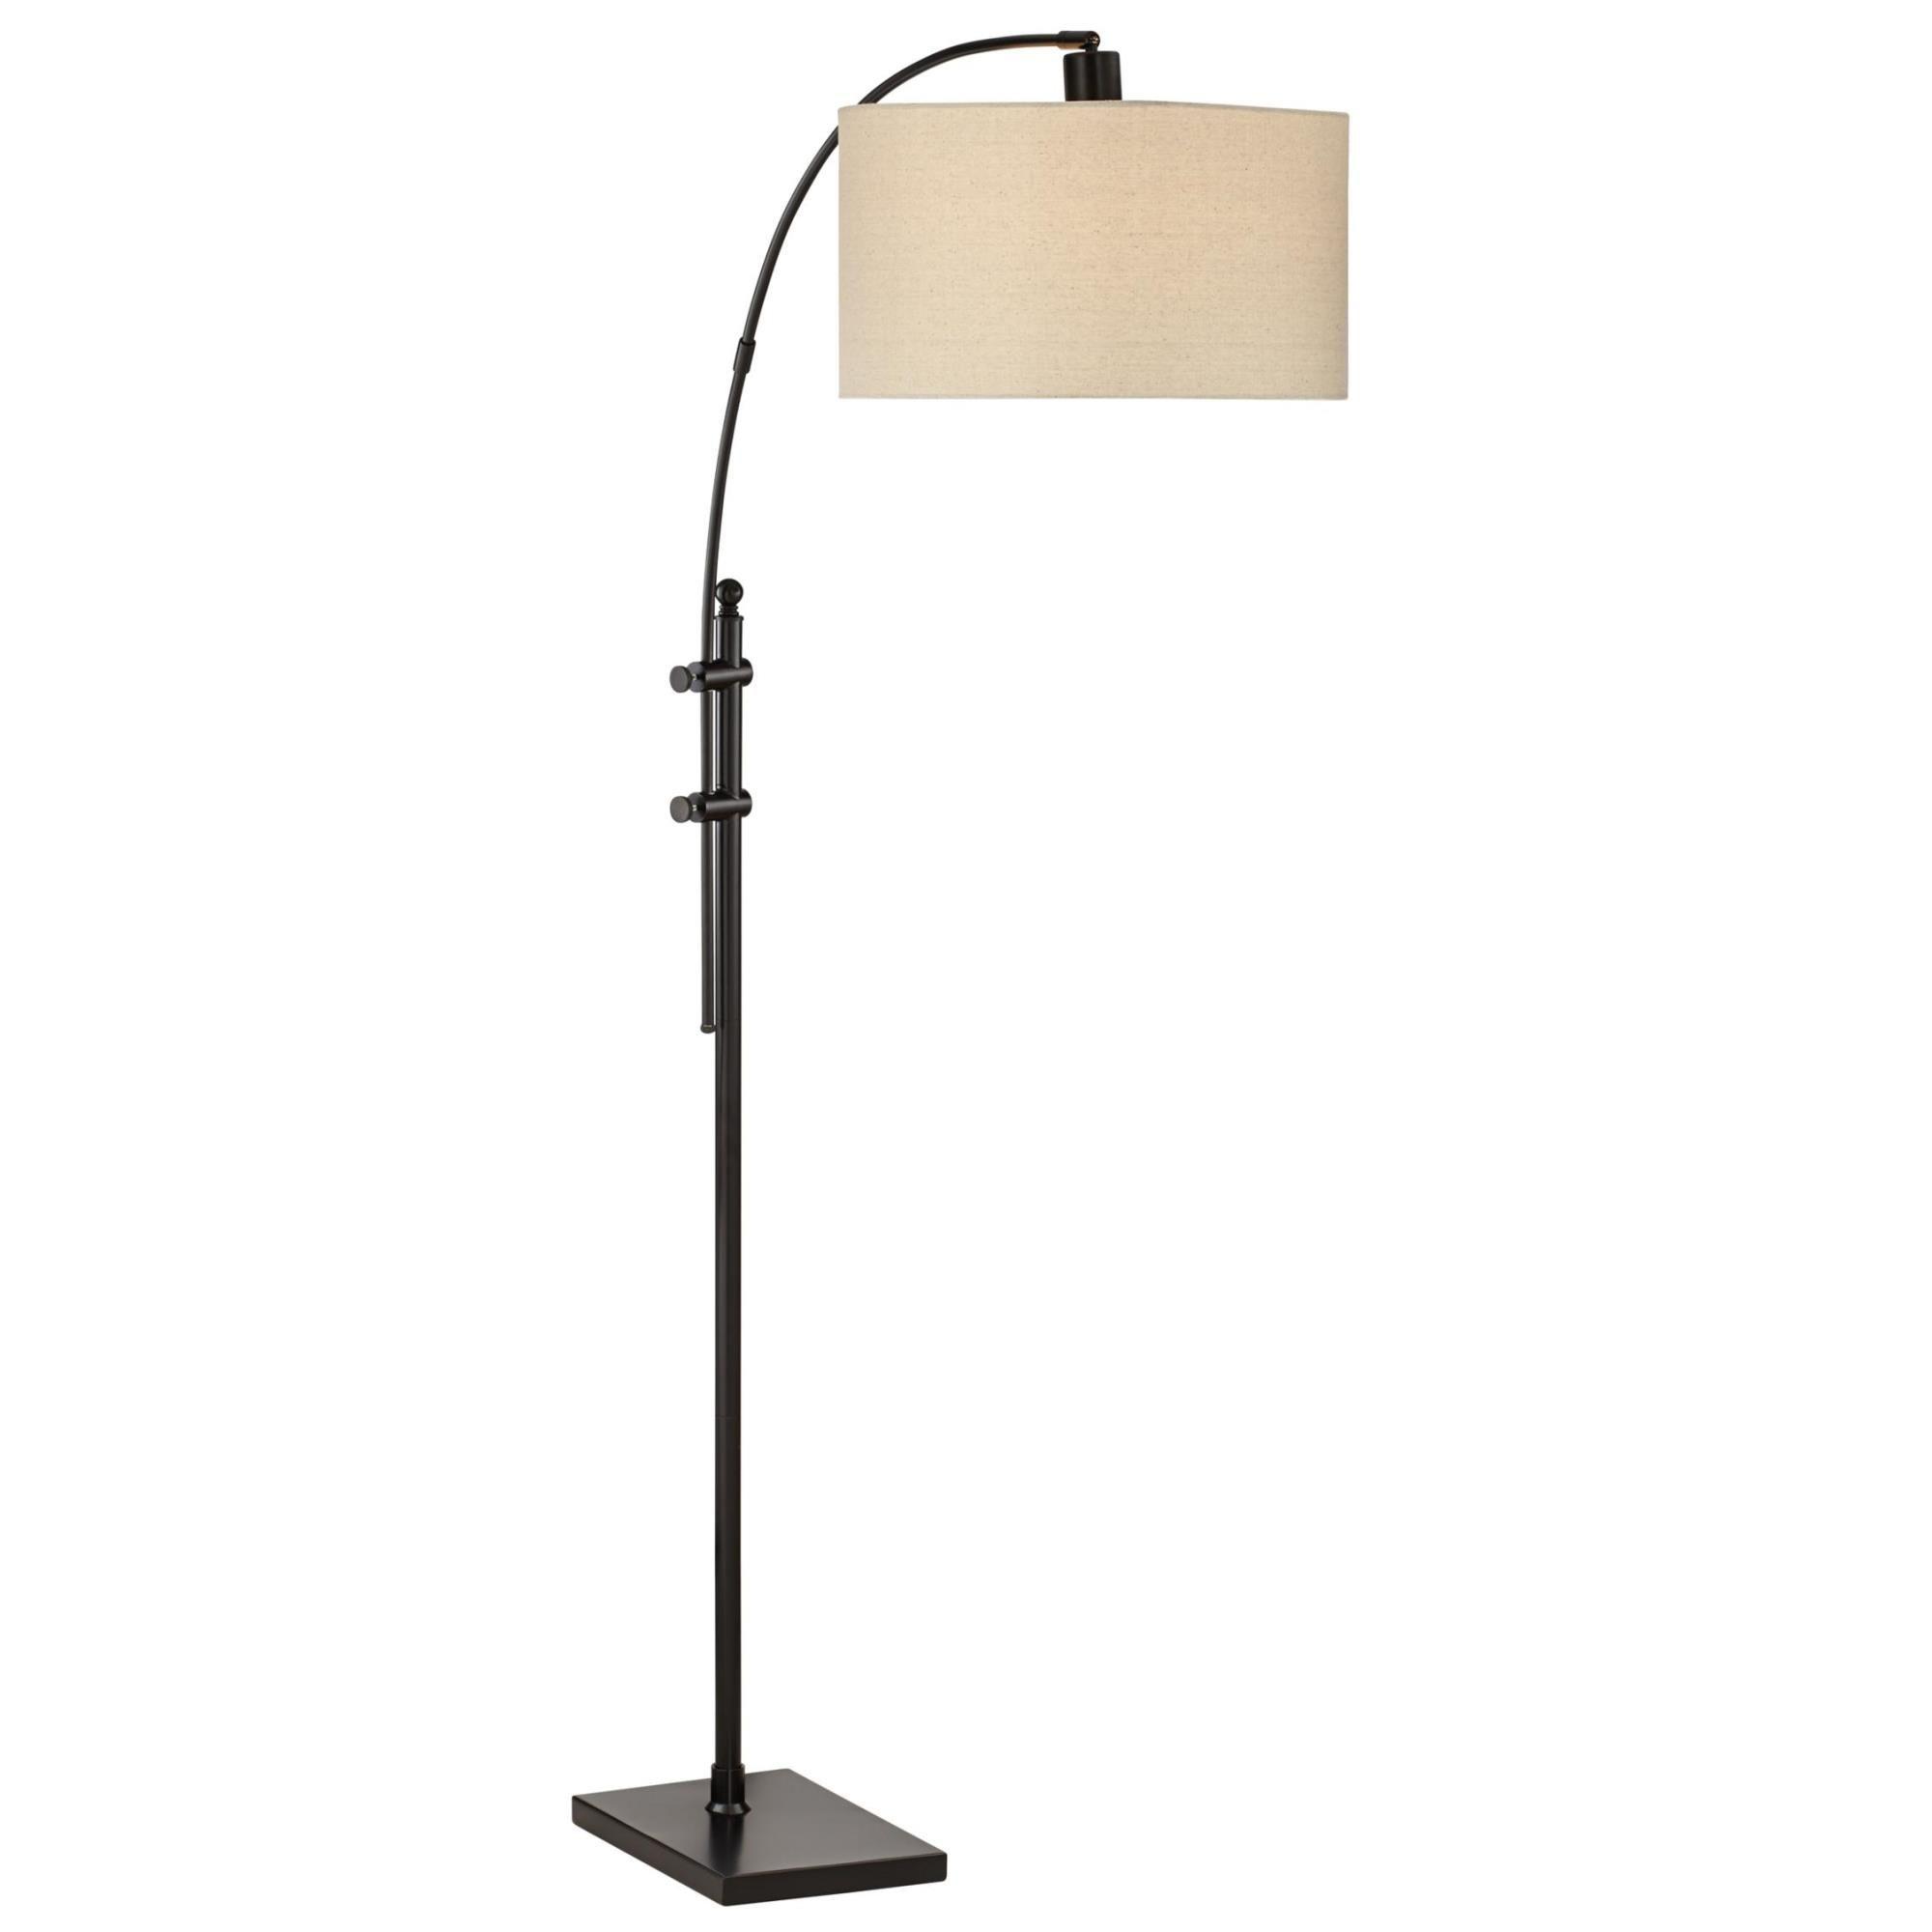 Spotlight 73 Inch Floor Lamp Capitol Lighting Floor Lamp Arc Floor Lamps Spotlight Floor Lamp